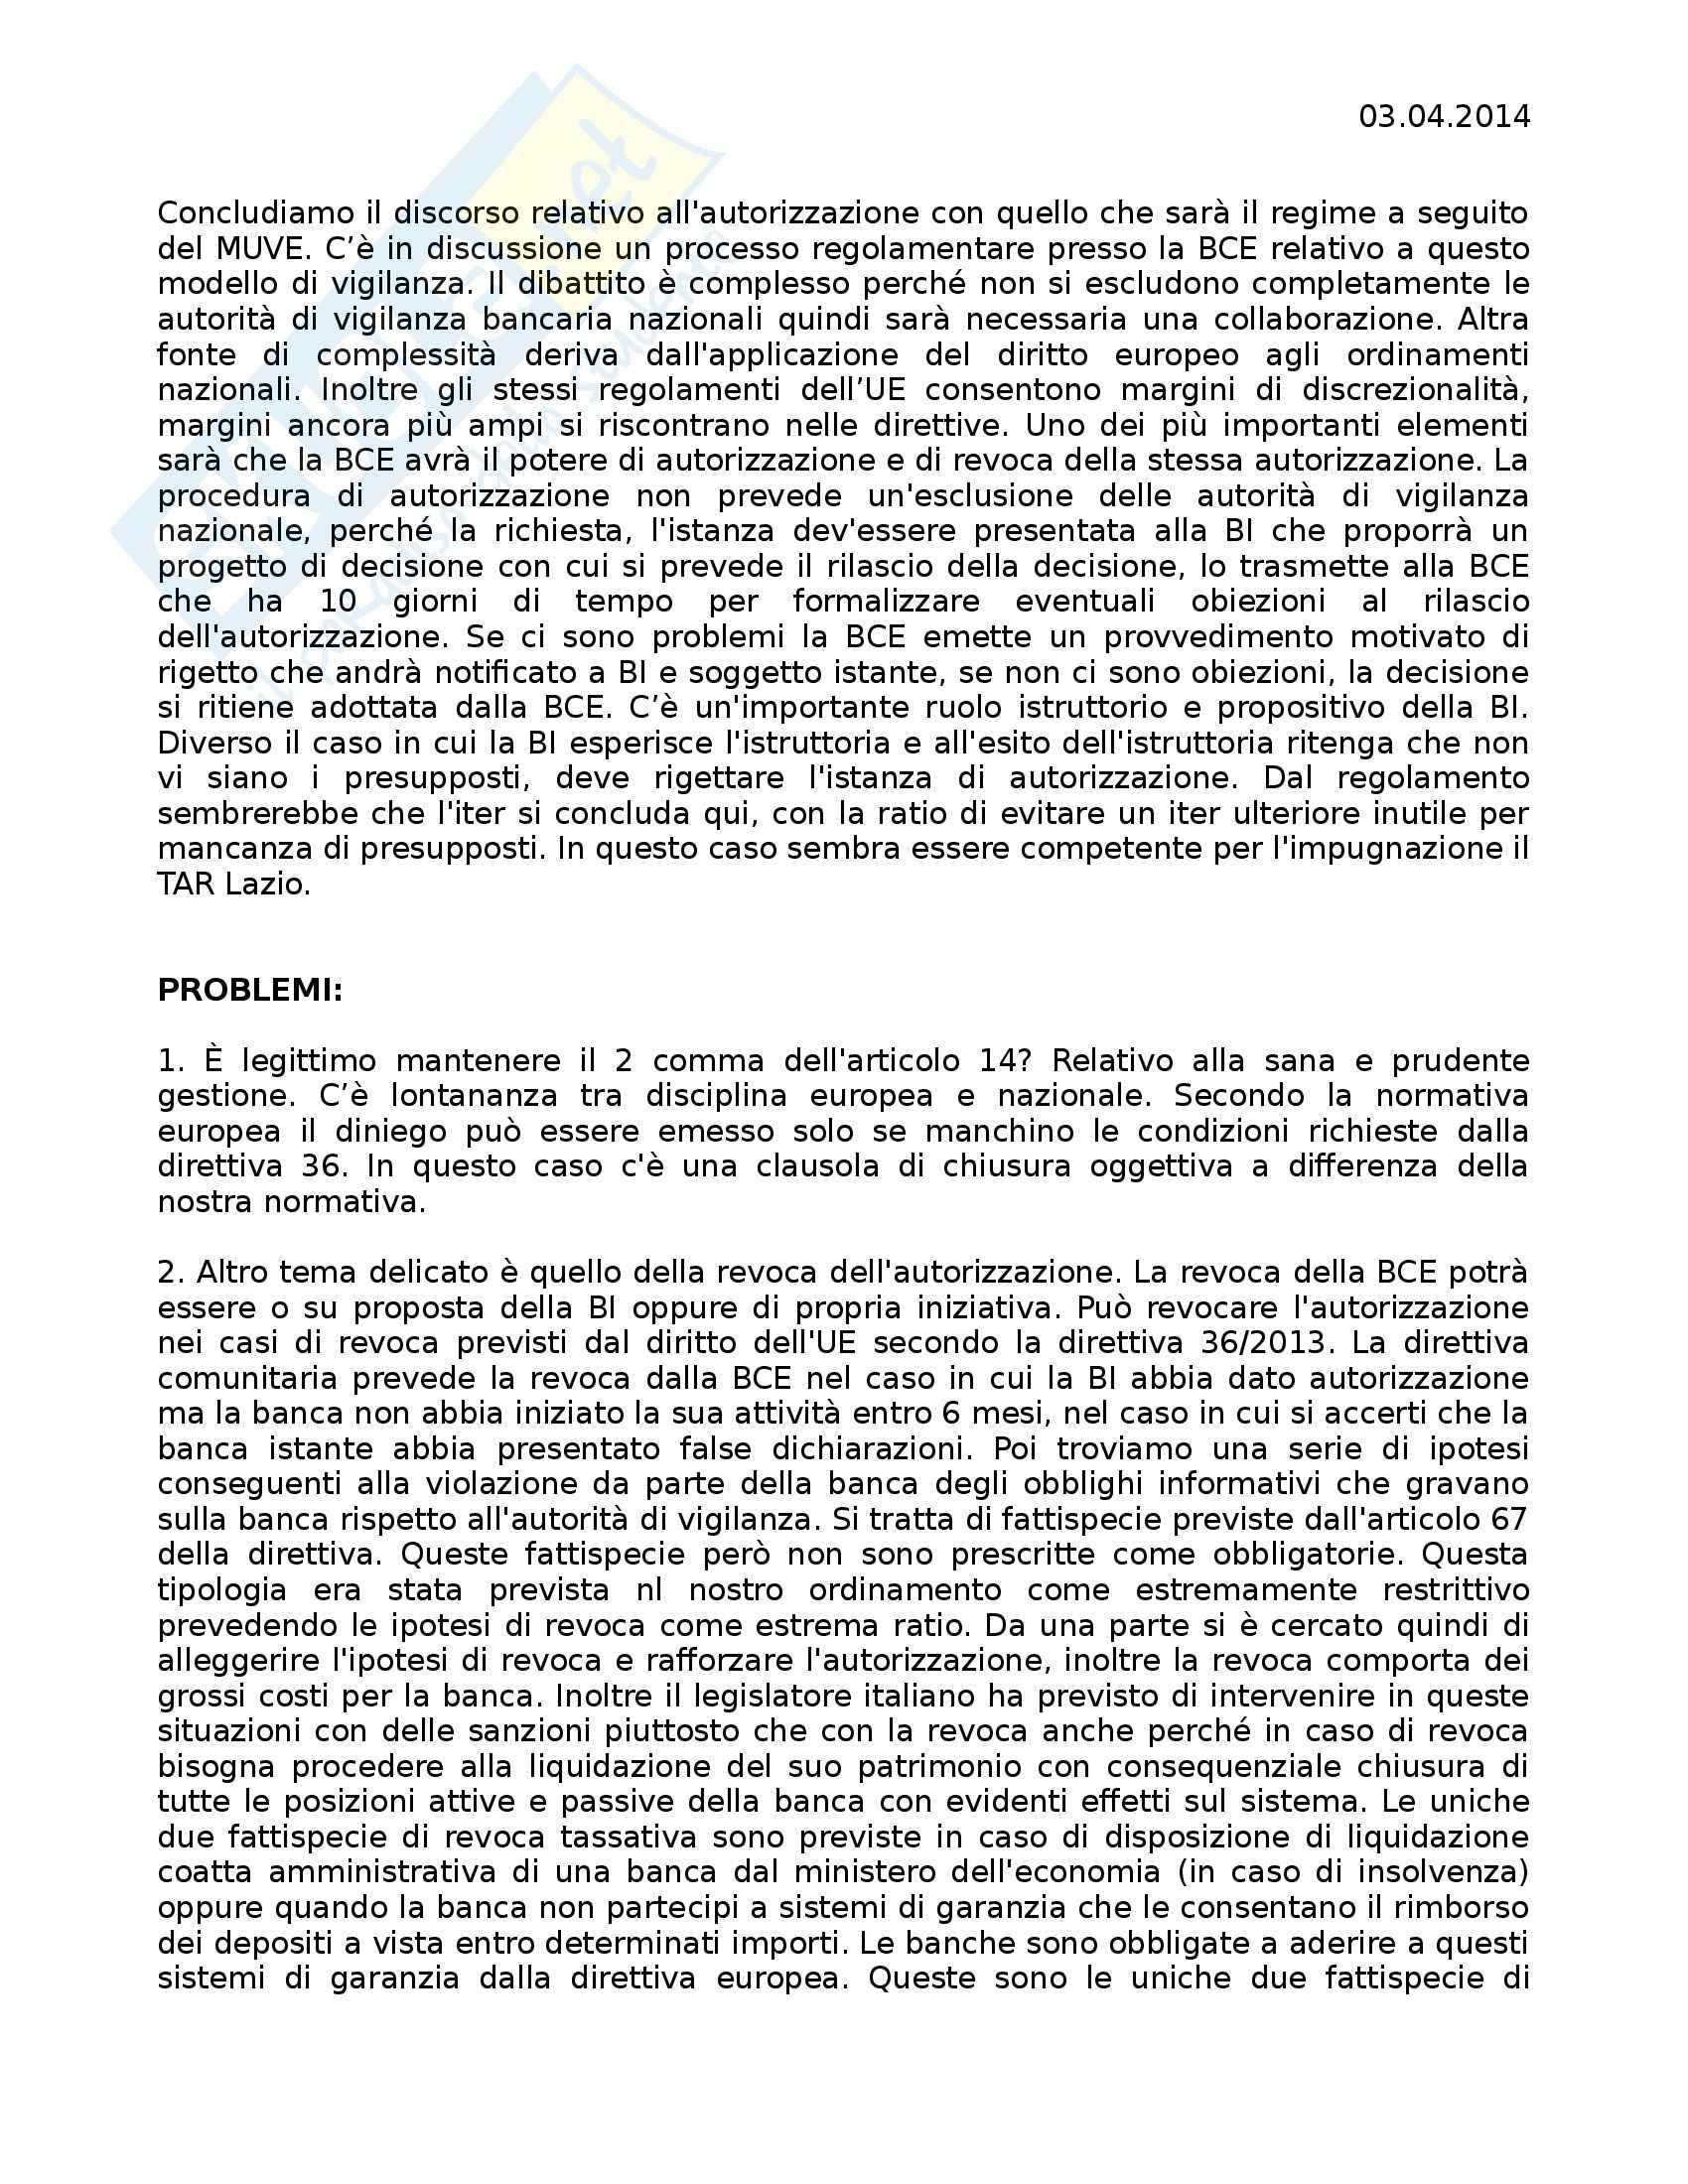 Diritto bancario - meccanismo unico di vigilanza bancaria europea e shadow banking system